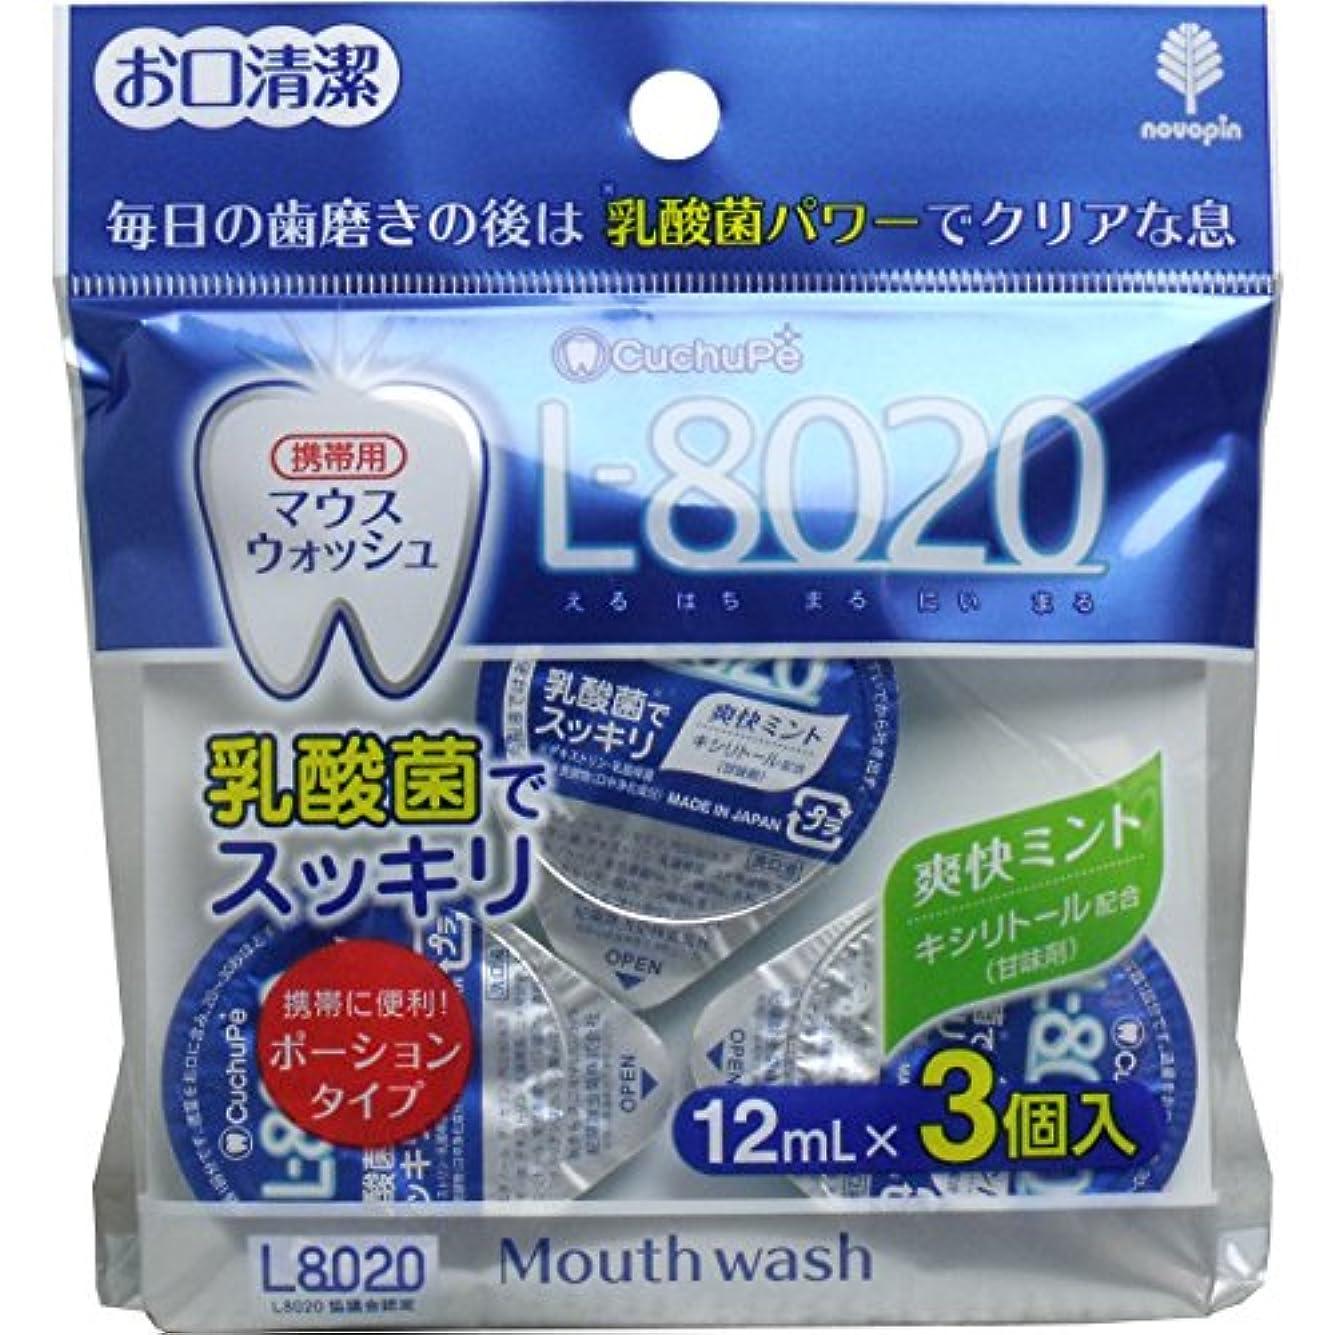 ブーム床チャータークチュッペ L-8020 マウスウォッシュ 爽快ミント ポーションタイプ 3個入 紀陽除虫菊